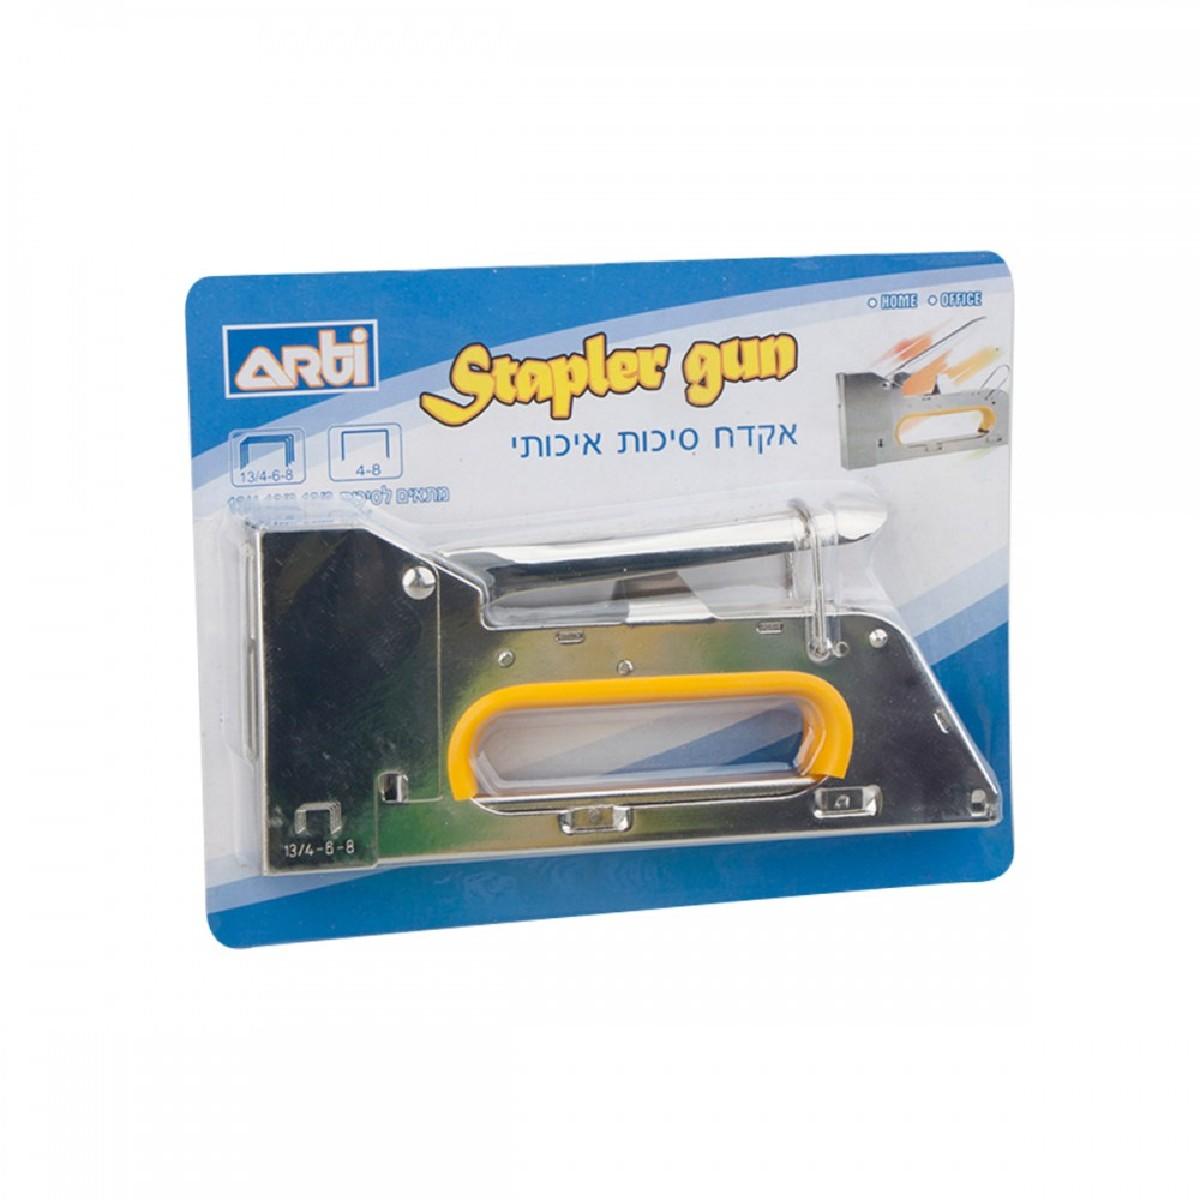 אקדח סיכות Arti